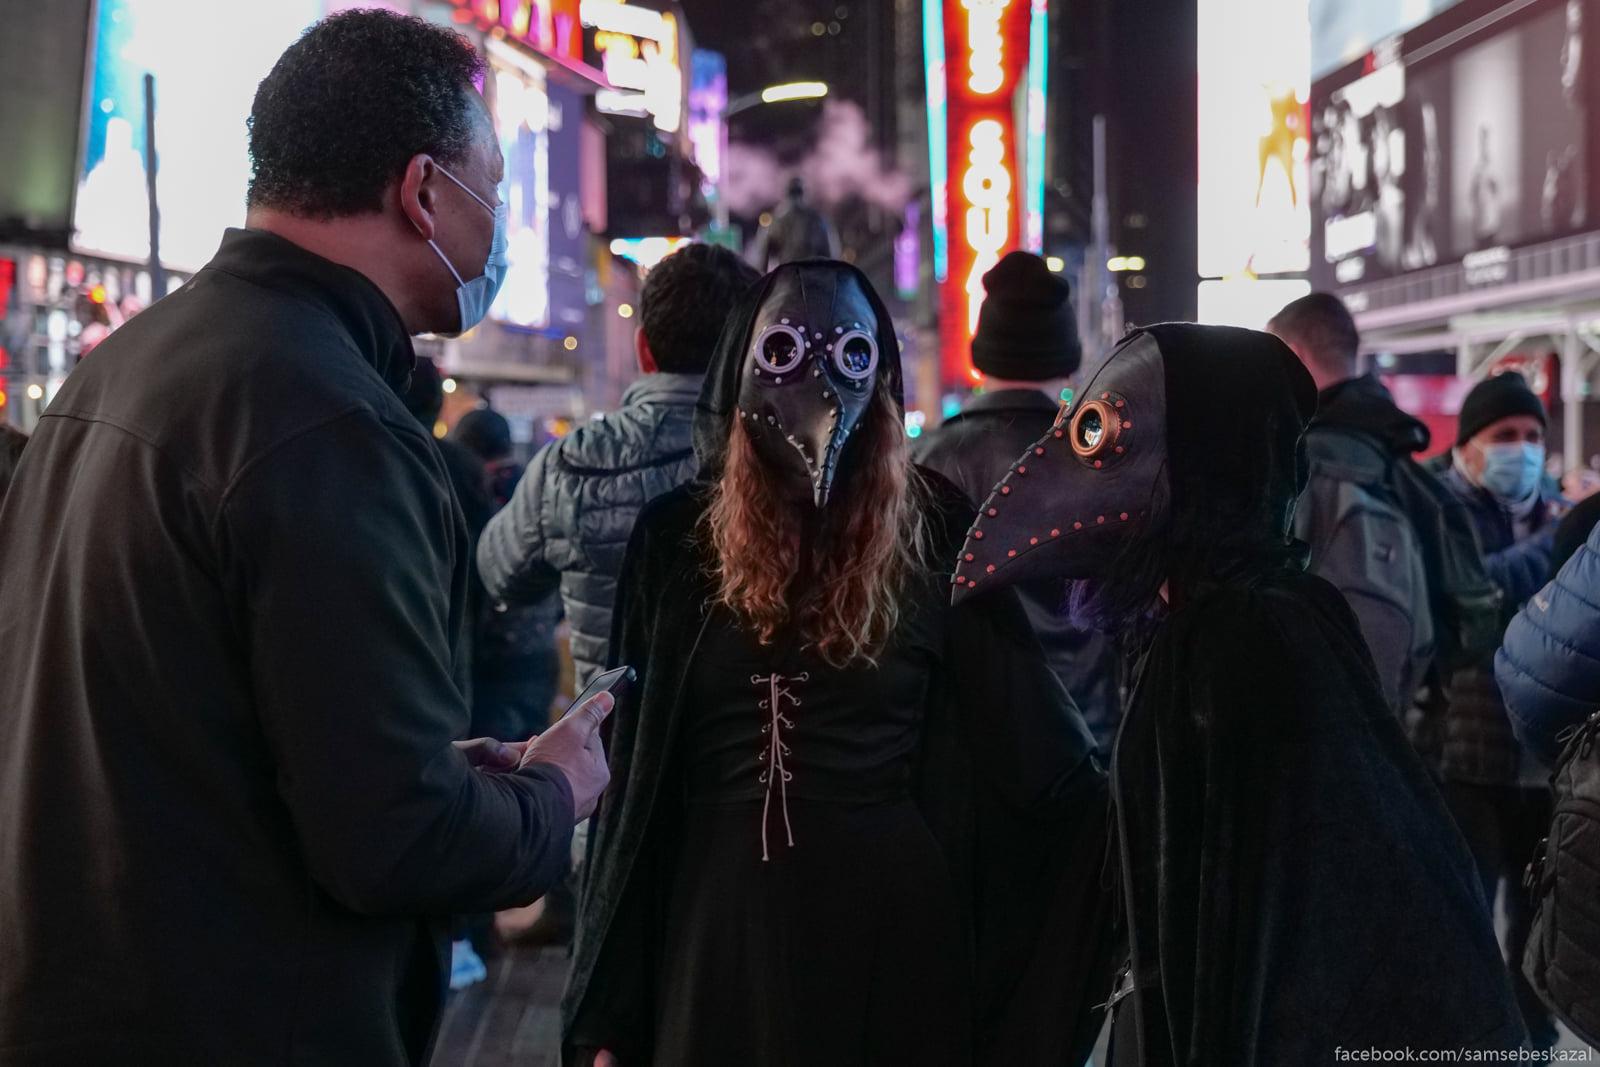 Esli tolʹko maski ne byli...